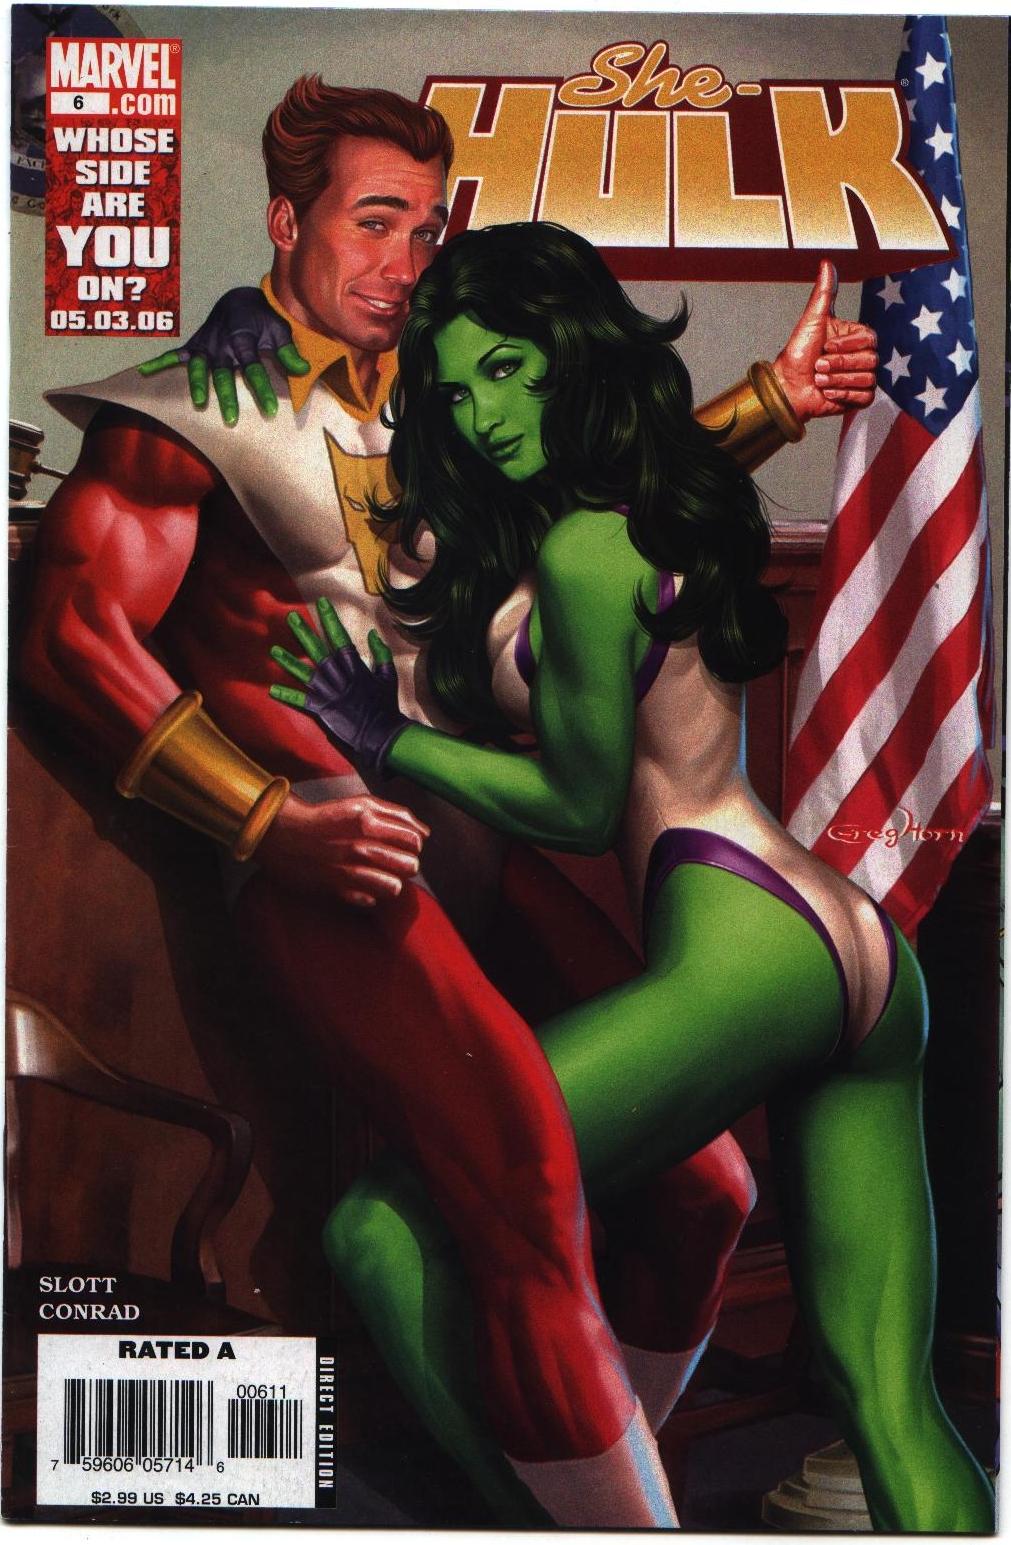 Hulk dating beste dating profiel geschreven door een niet-moordenaar